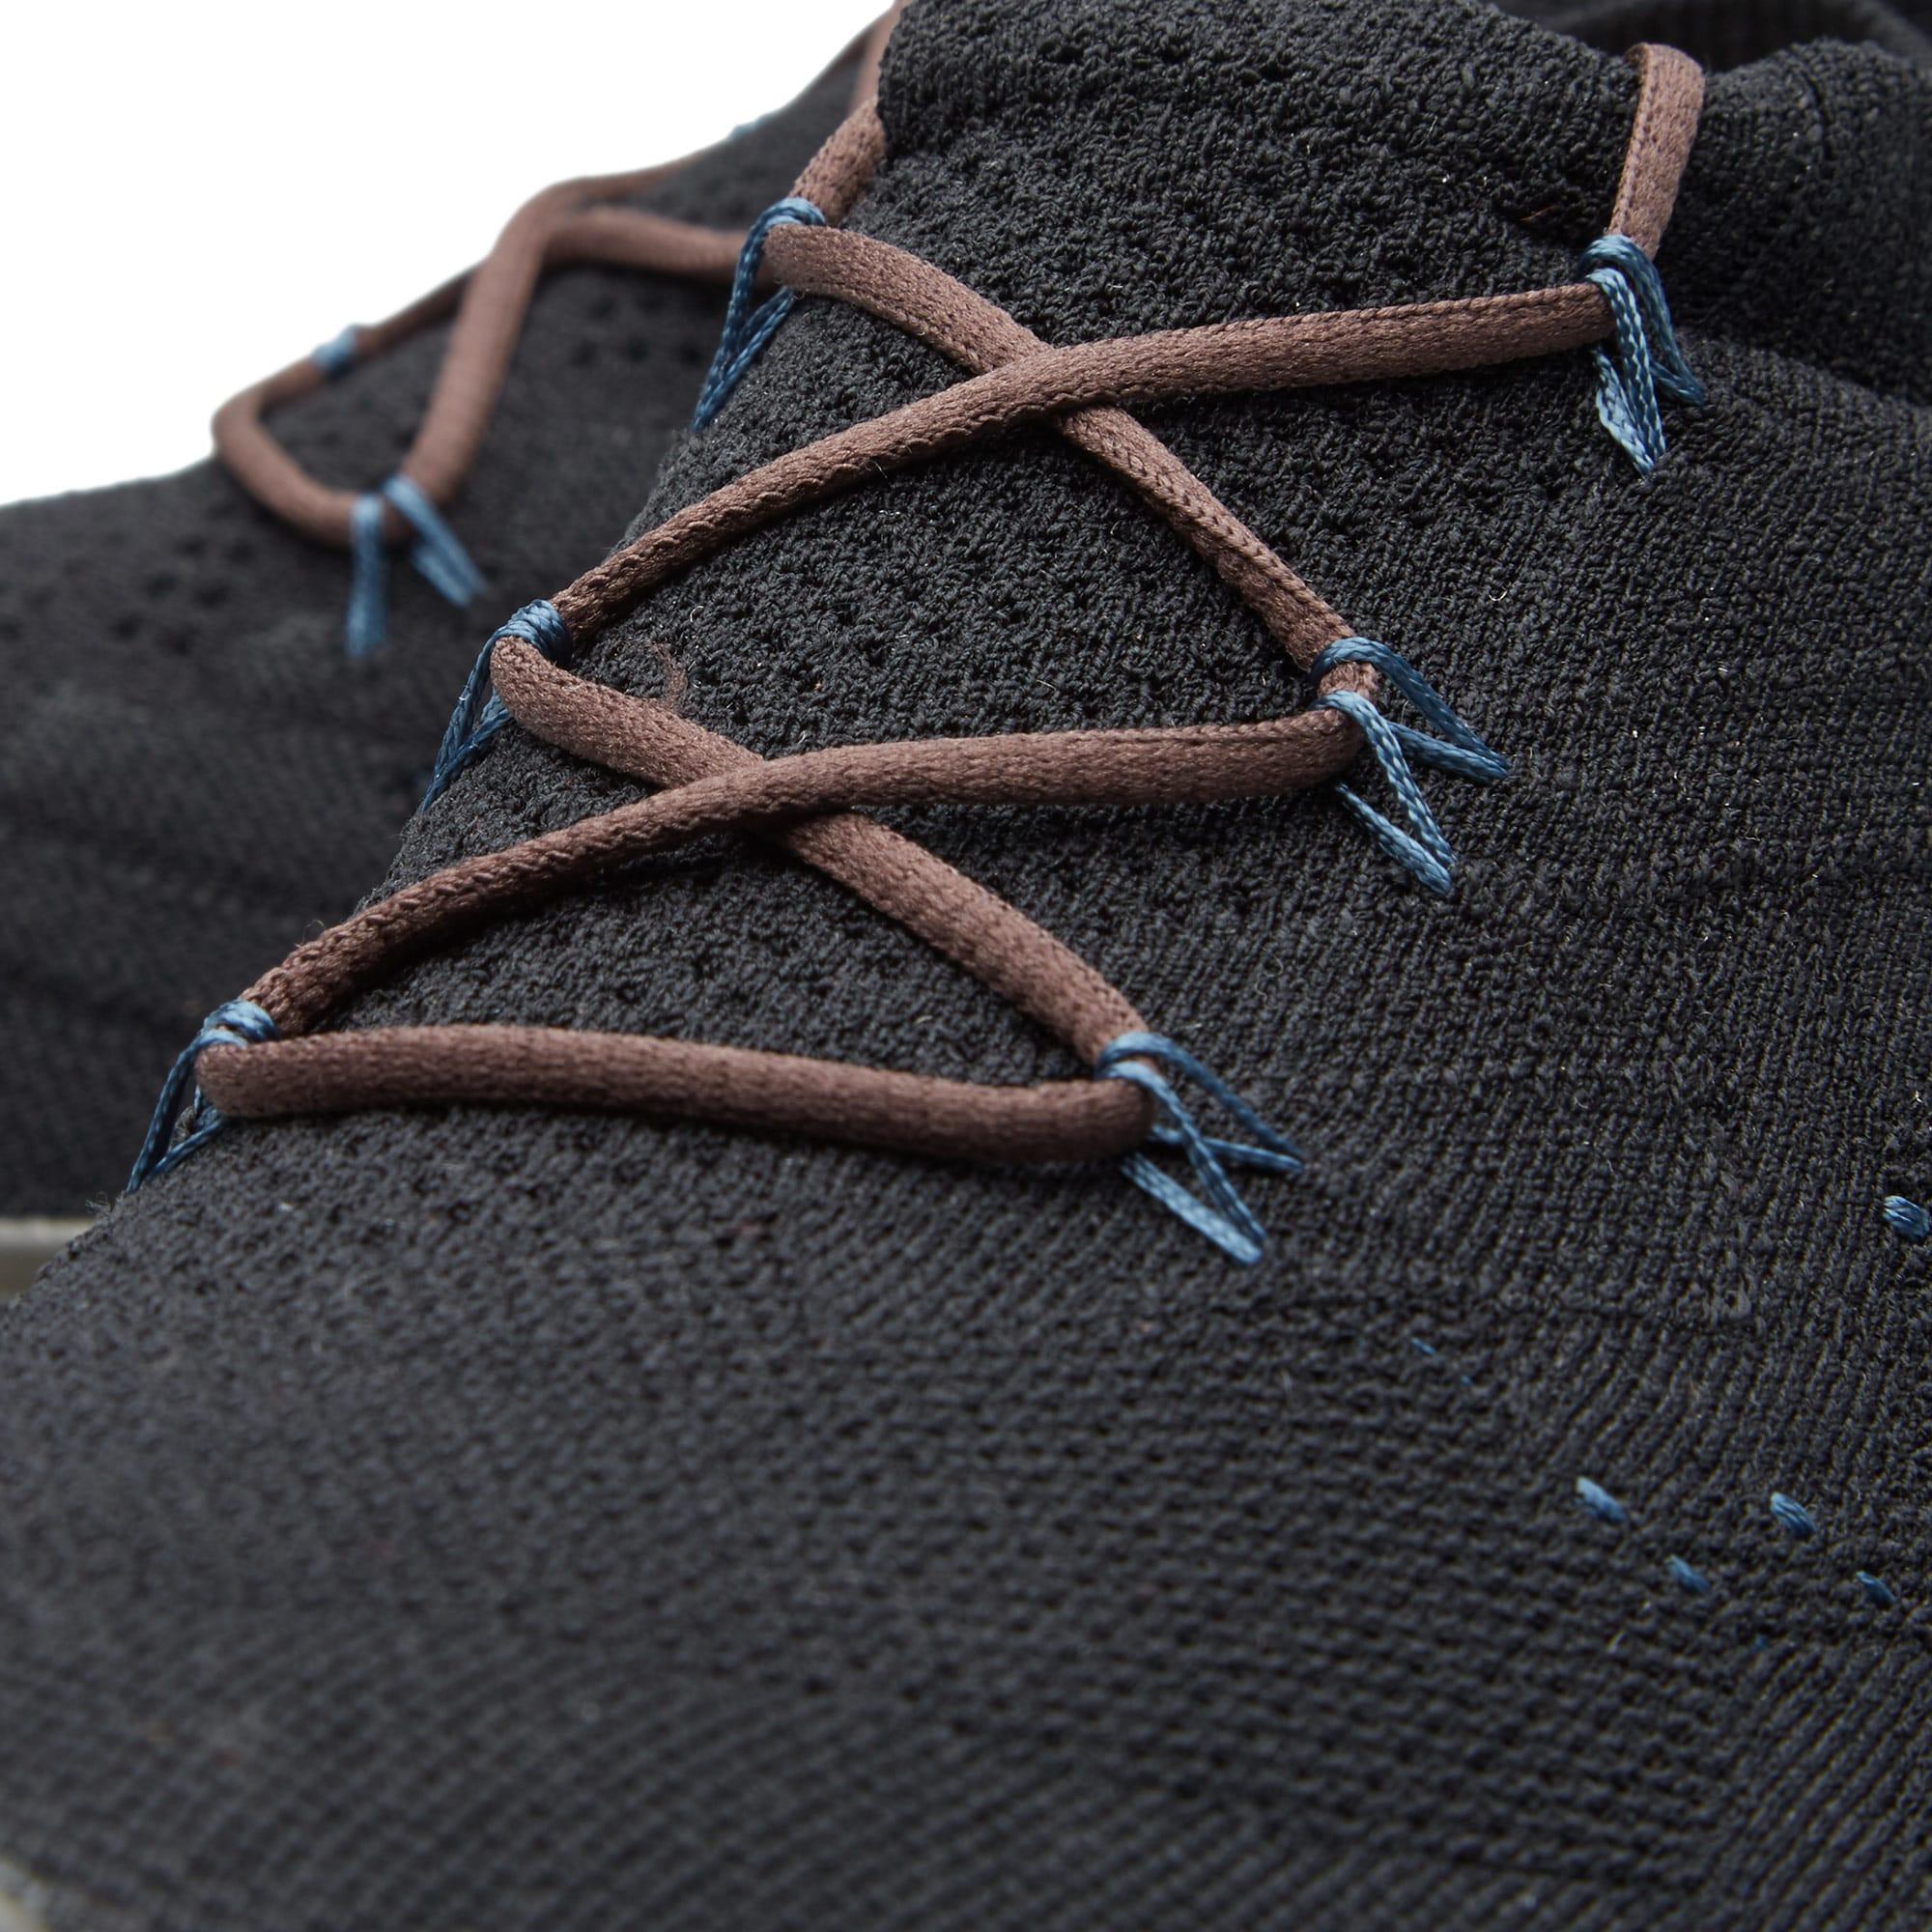 810821 001 Nike Free 3.0 Flyknit Gyakusou Nike X Undercover